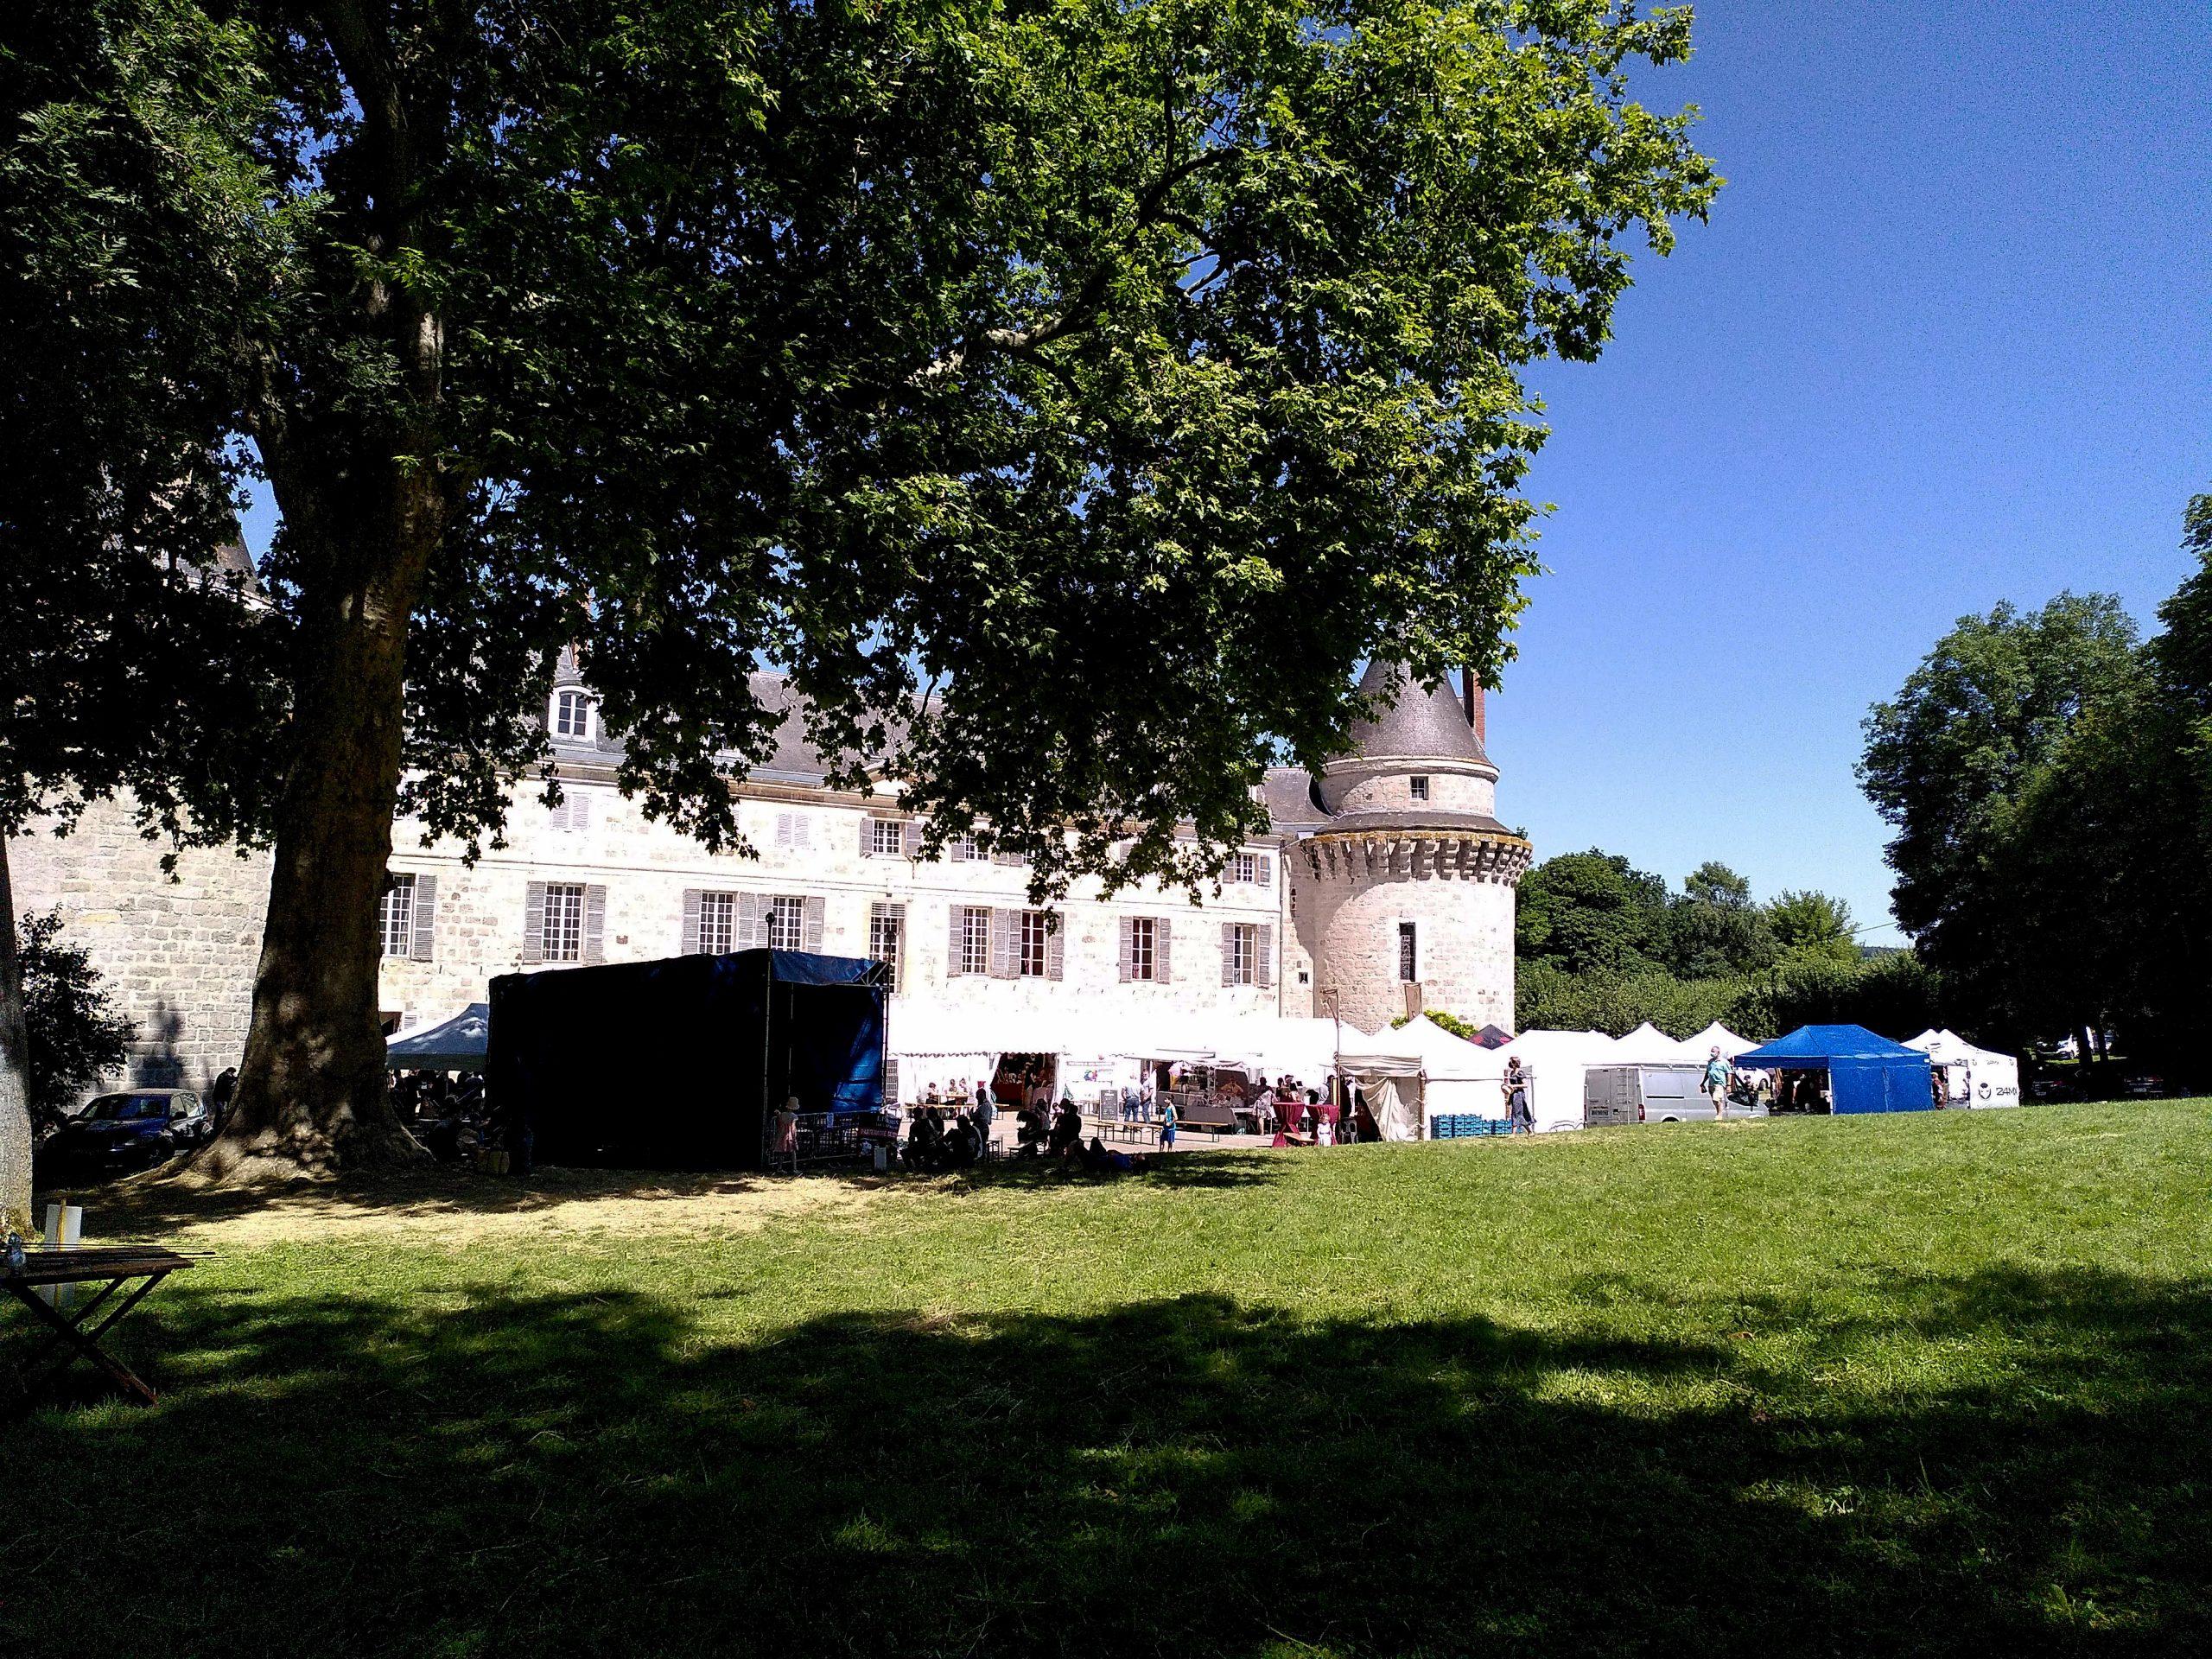 Festival le Dormantastique juillet 2021 la Manufacture de Lady S.